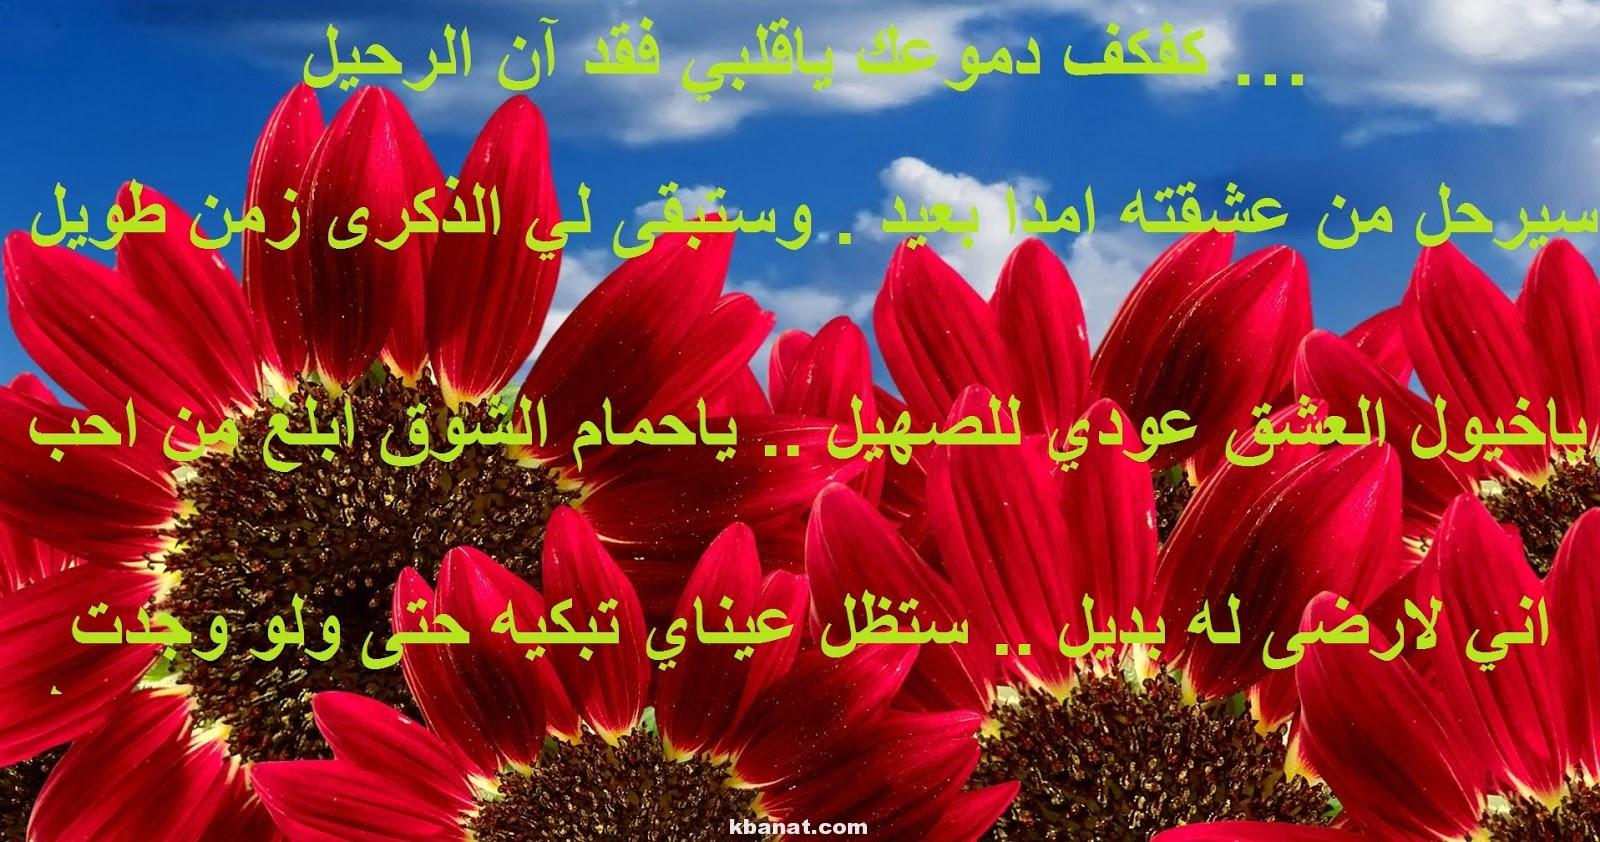 بالصور رسائل حب ساخنة جزائرية , اجدد الصور لحب جامد 631 2